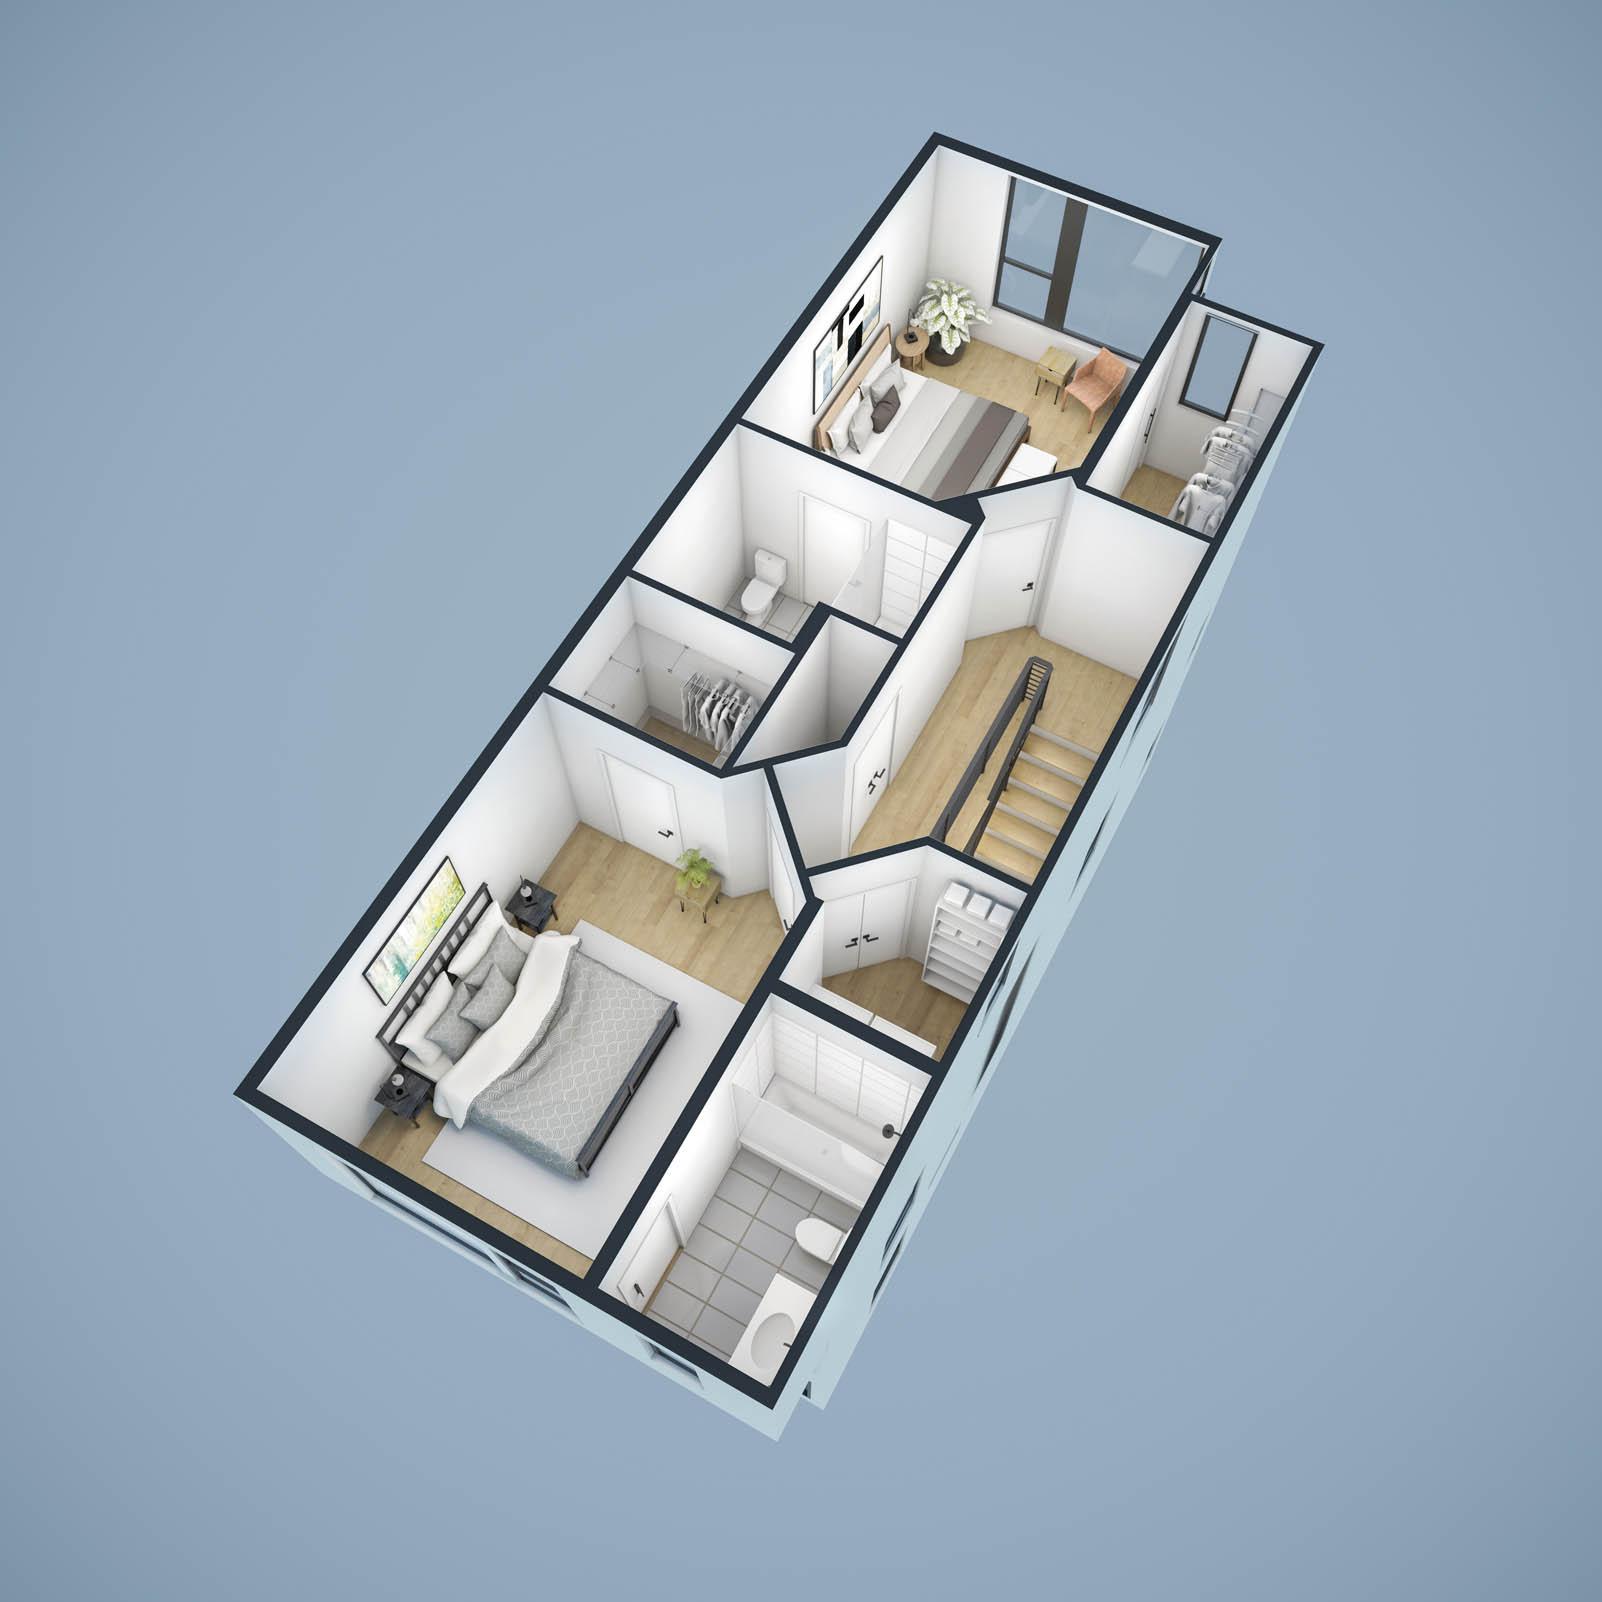 3rd Floor Cutaway